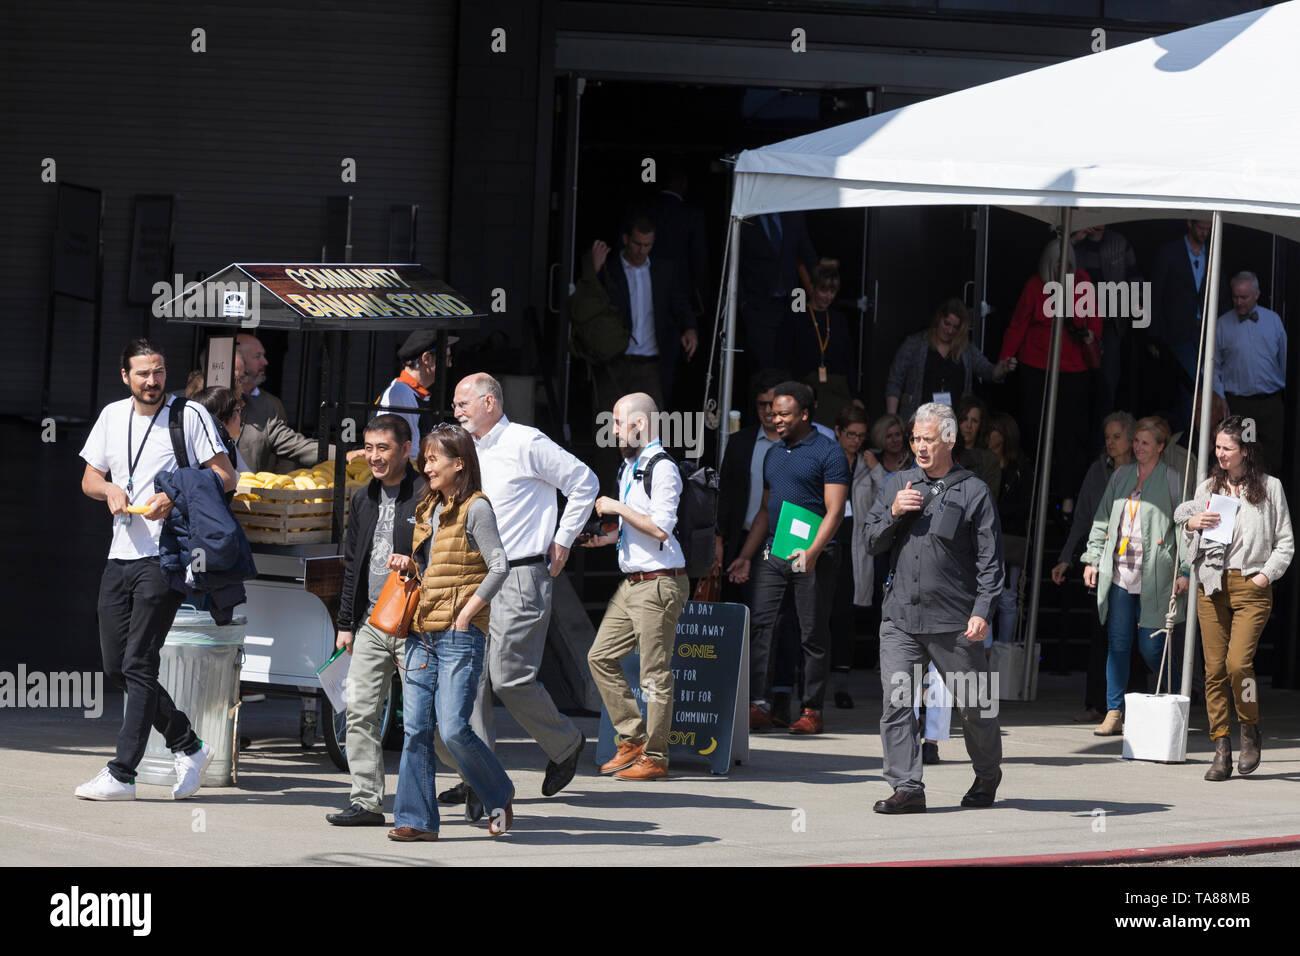 Seattle, Washington: Amazon Aktionäre halt in der Gemeinschaft Banane Stand, da Sie die Amazon 2019 Jahreshauptversammlung der Aktionäre am Fremont Studios verlassen. Teilnehmer, die von der Hauptversammlung gewählt auf einer großen Zahl von Aktionär Vorschläge zu Themen wie Gender Pay und Klimawandel Reporting sowie Rekognition, umstrittene Technologie zur Gesichtserkennung von Amazon. Stockbild